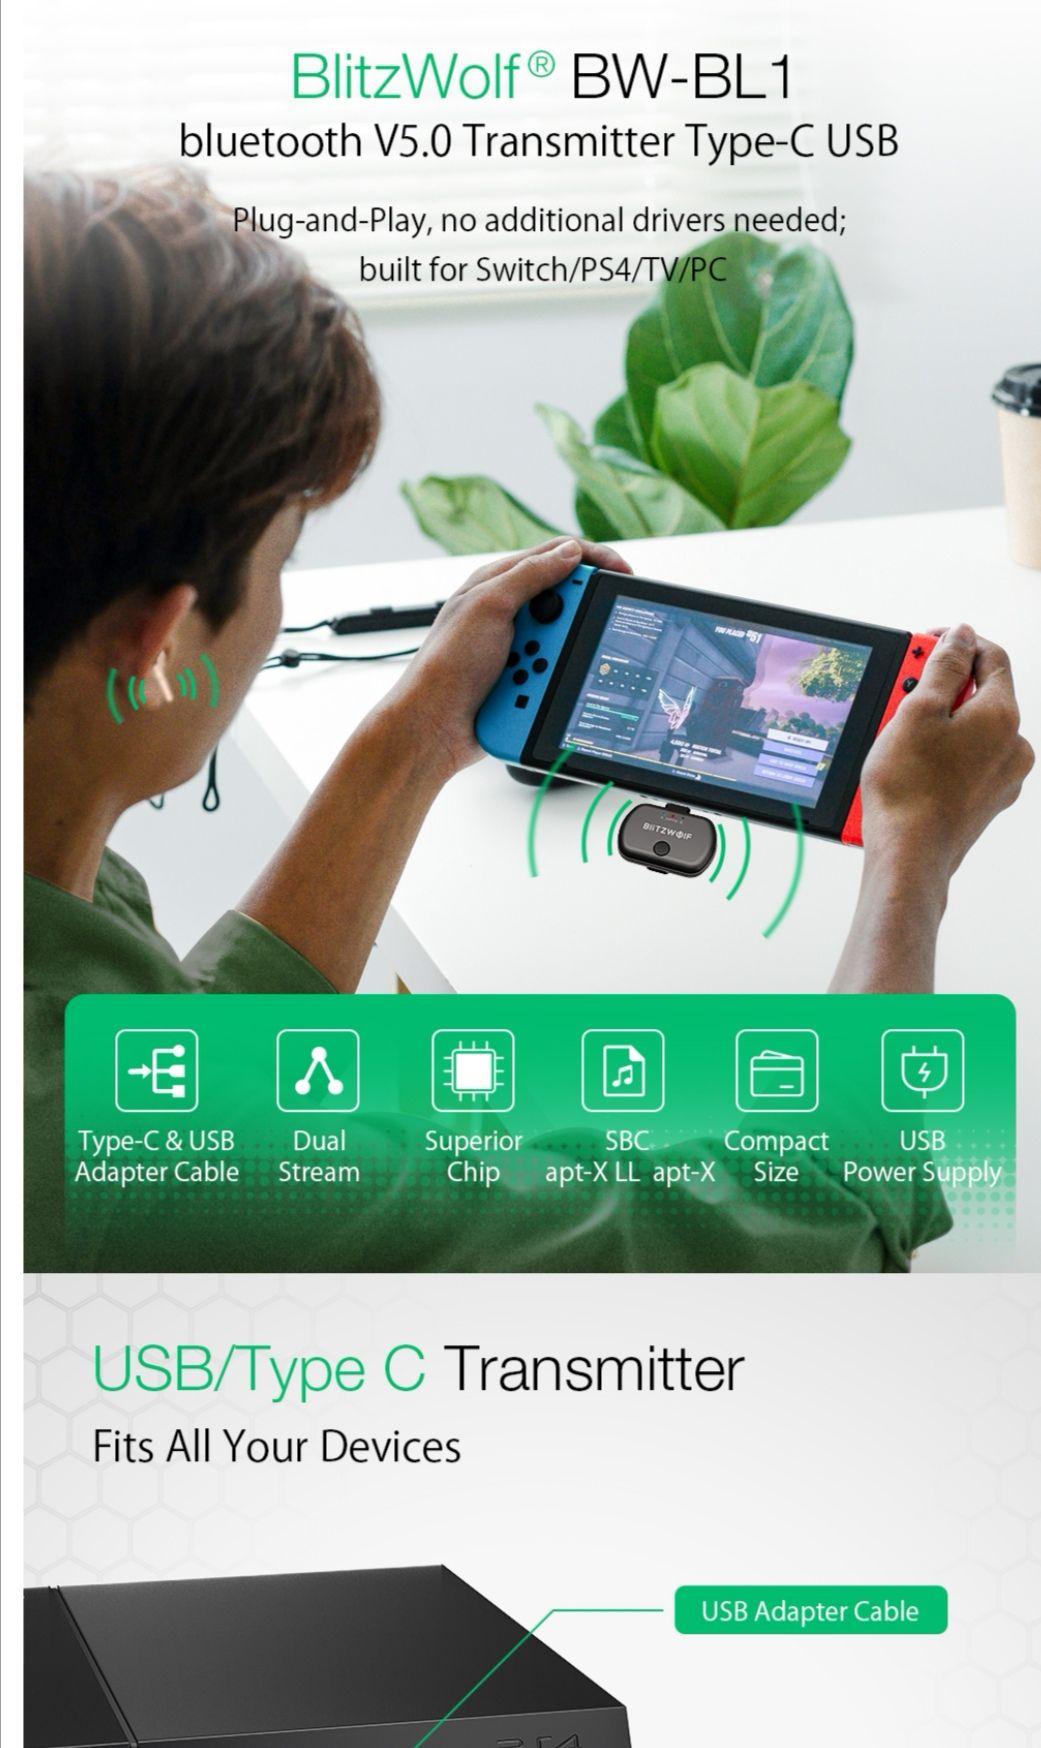 BlitzWolf bw-bl1 Bluetooth transmitter&receiver eu shipping